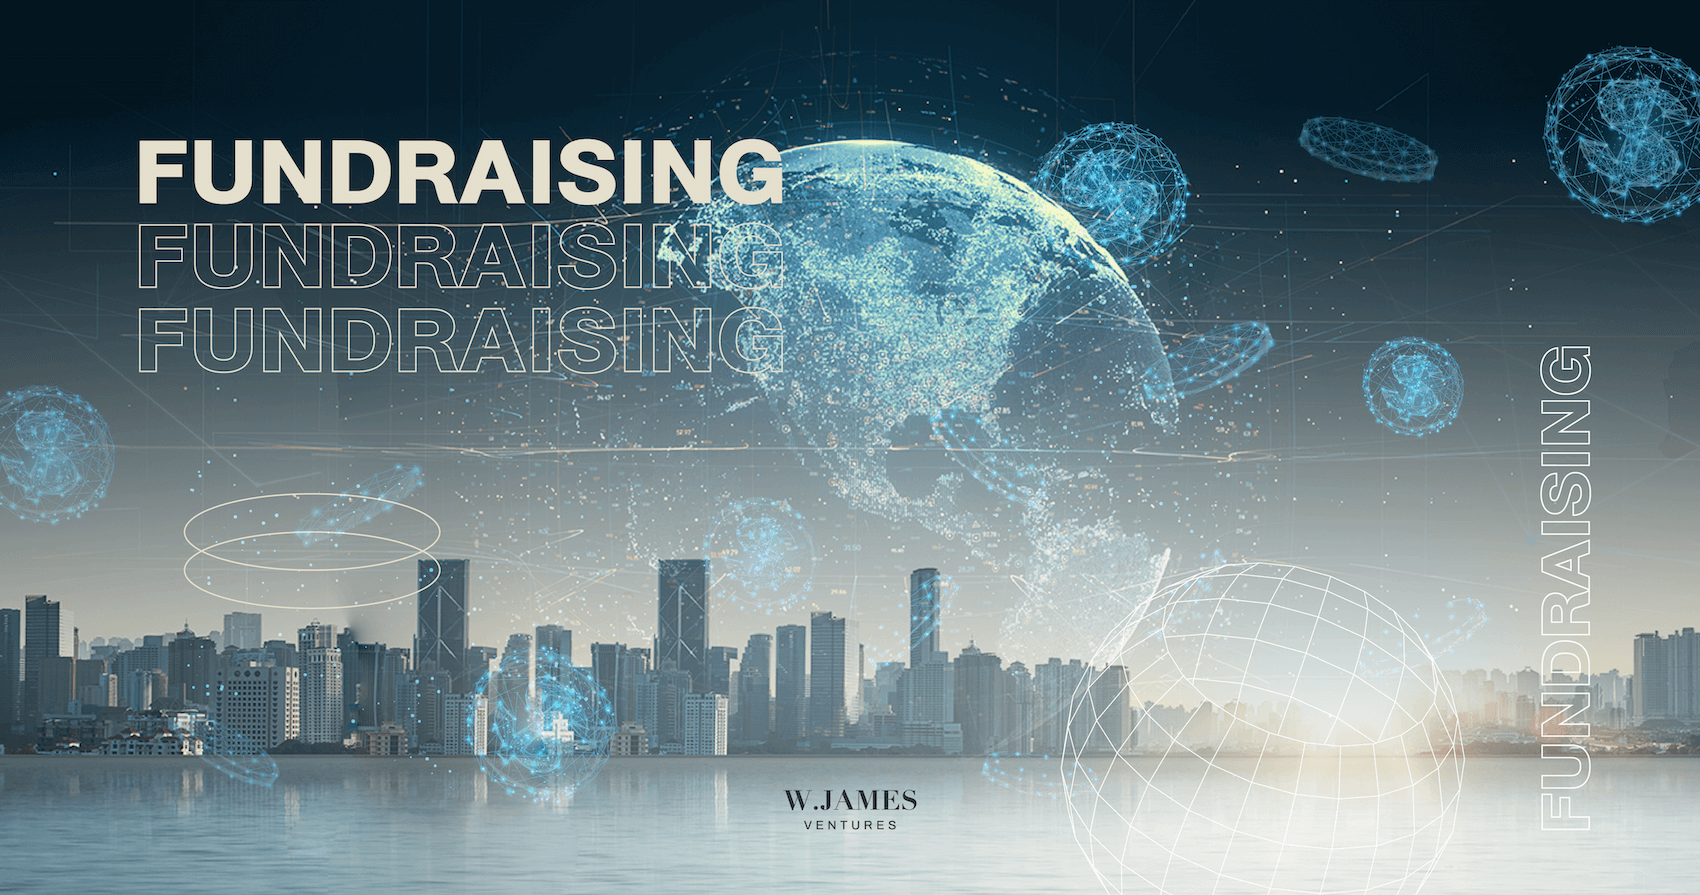 ควรรู้อะไรก่อนบริษัทคุณจะเริ่มระดมทุน (Fundraising)